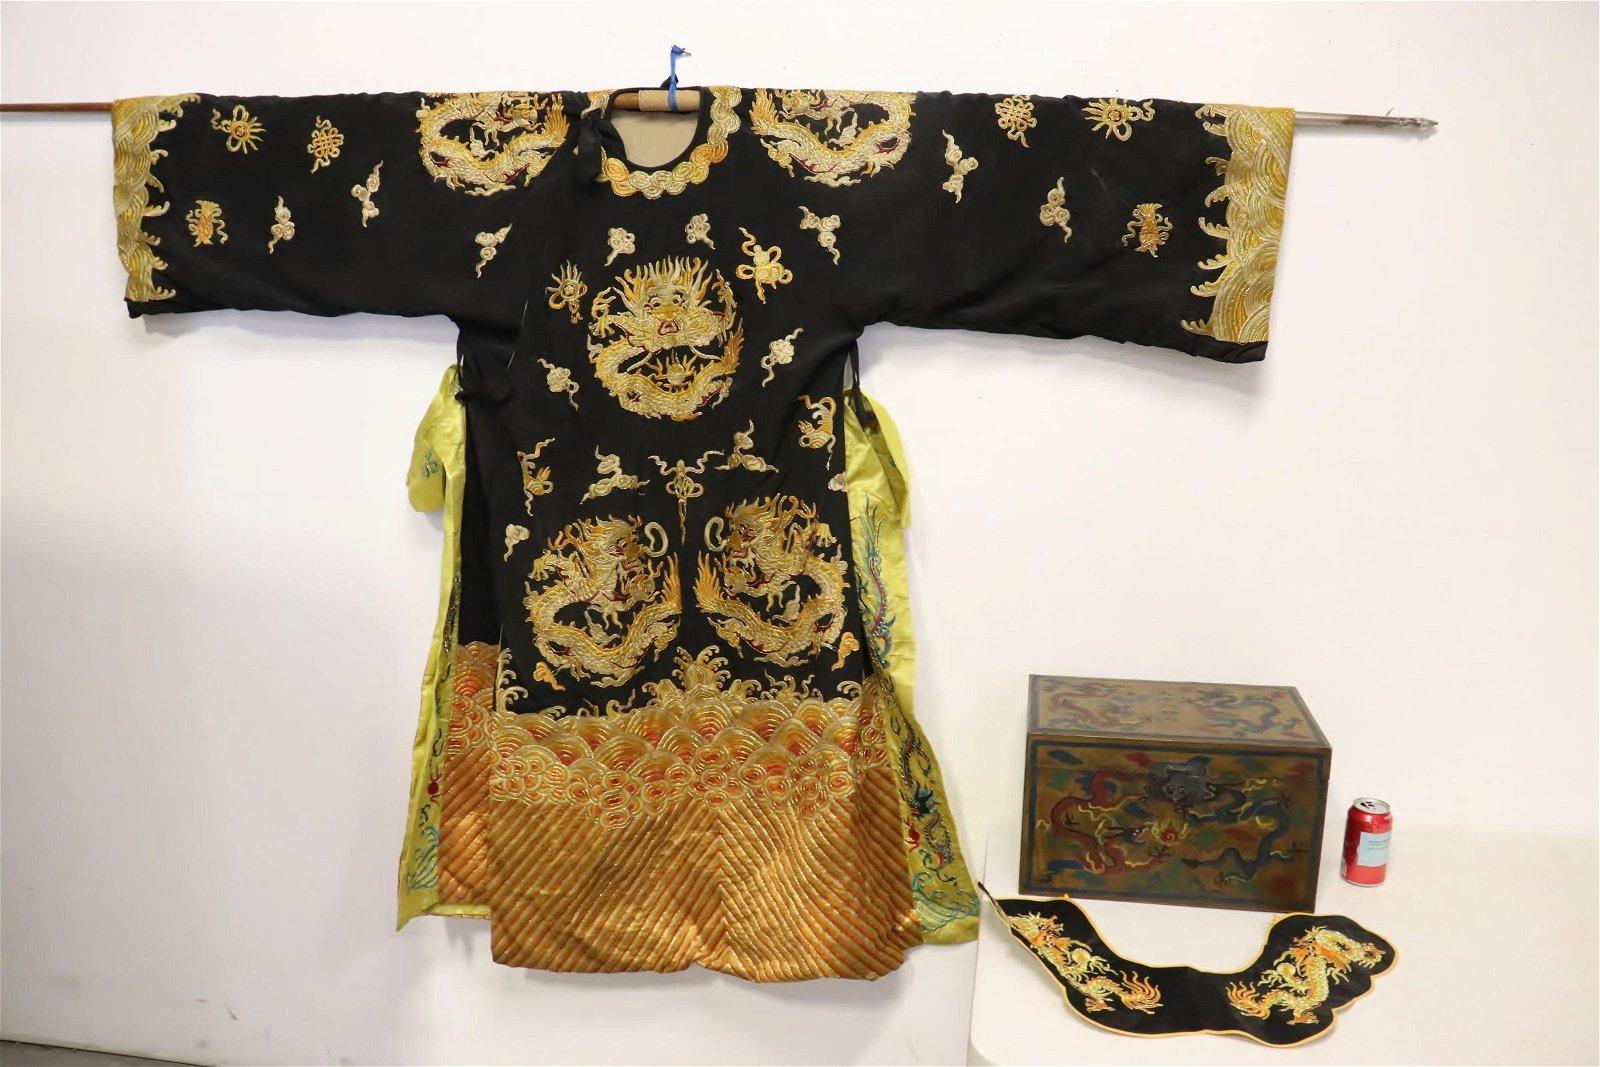 Chinese opera performer robe in storage box